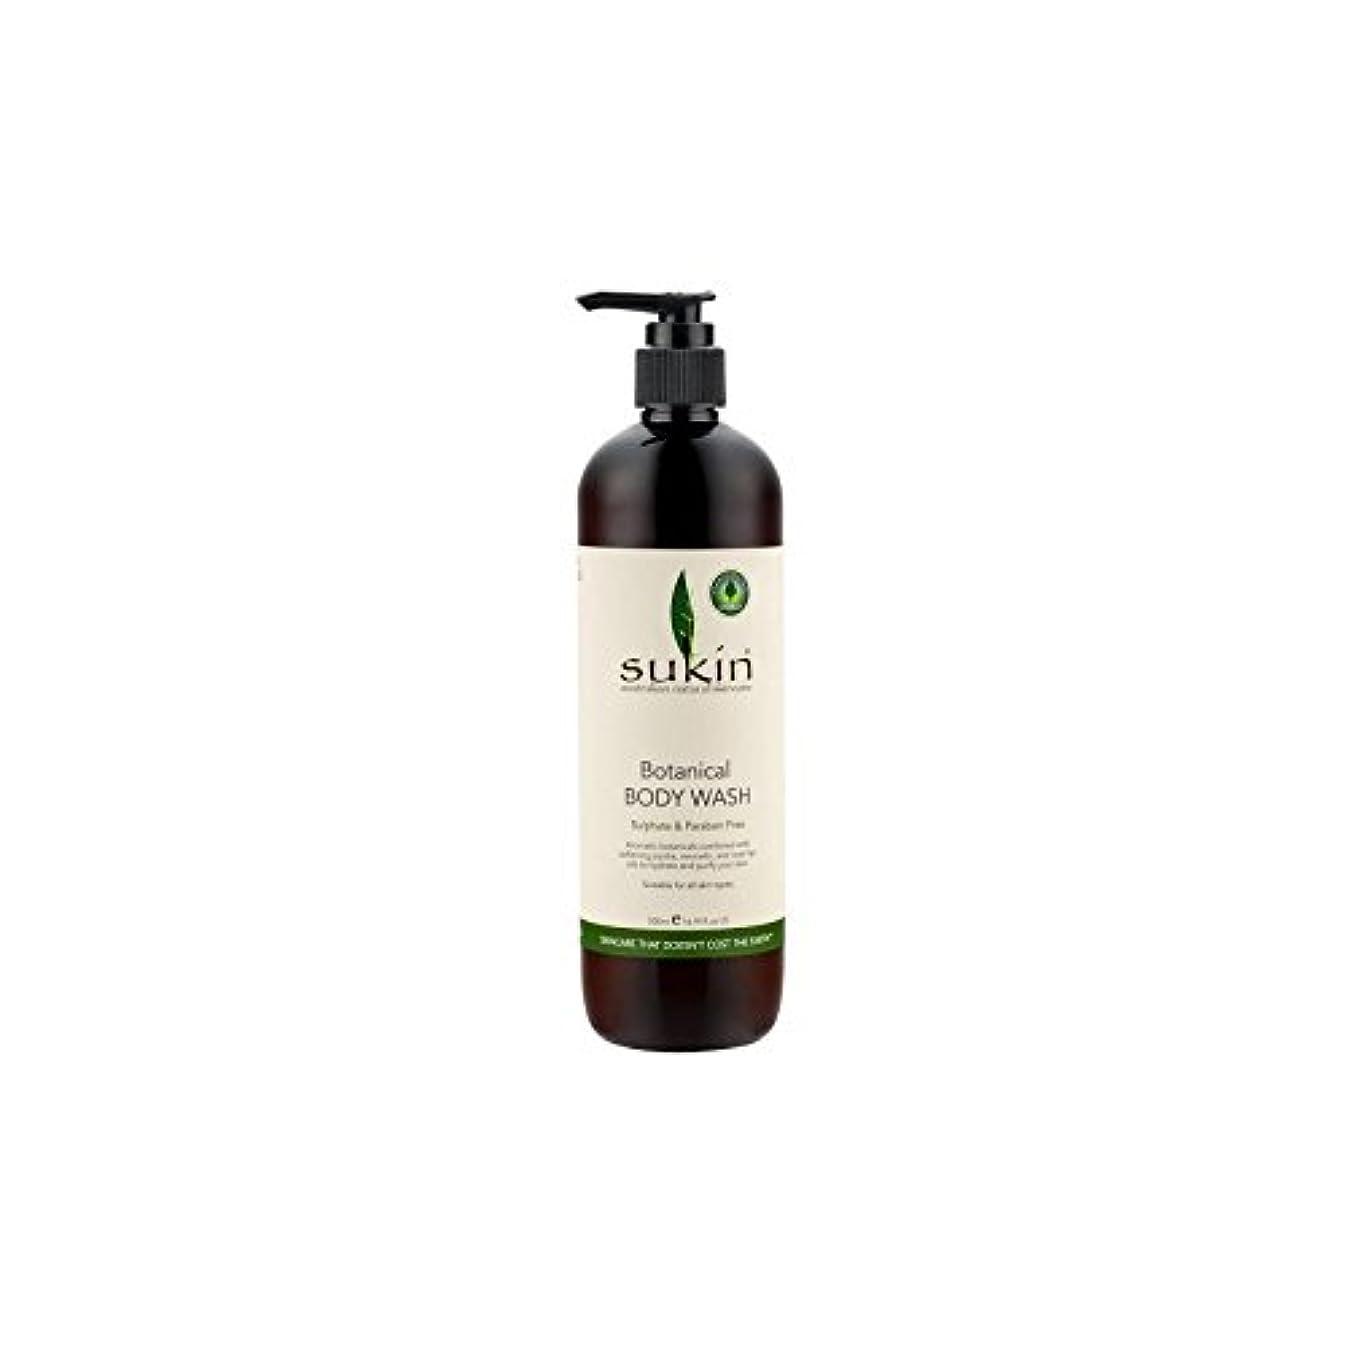 真剣に繊毛薄暗いSukin Botanical Body Wash (500ml) (Pack of 6) - 植物ボディウォッシュ(500ミリリットル) x6 [並行輸入品]